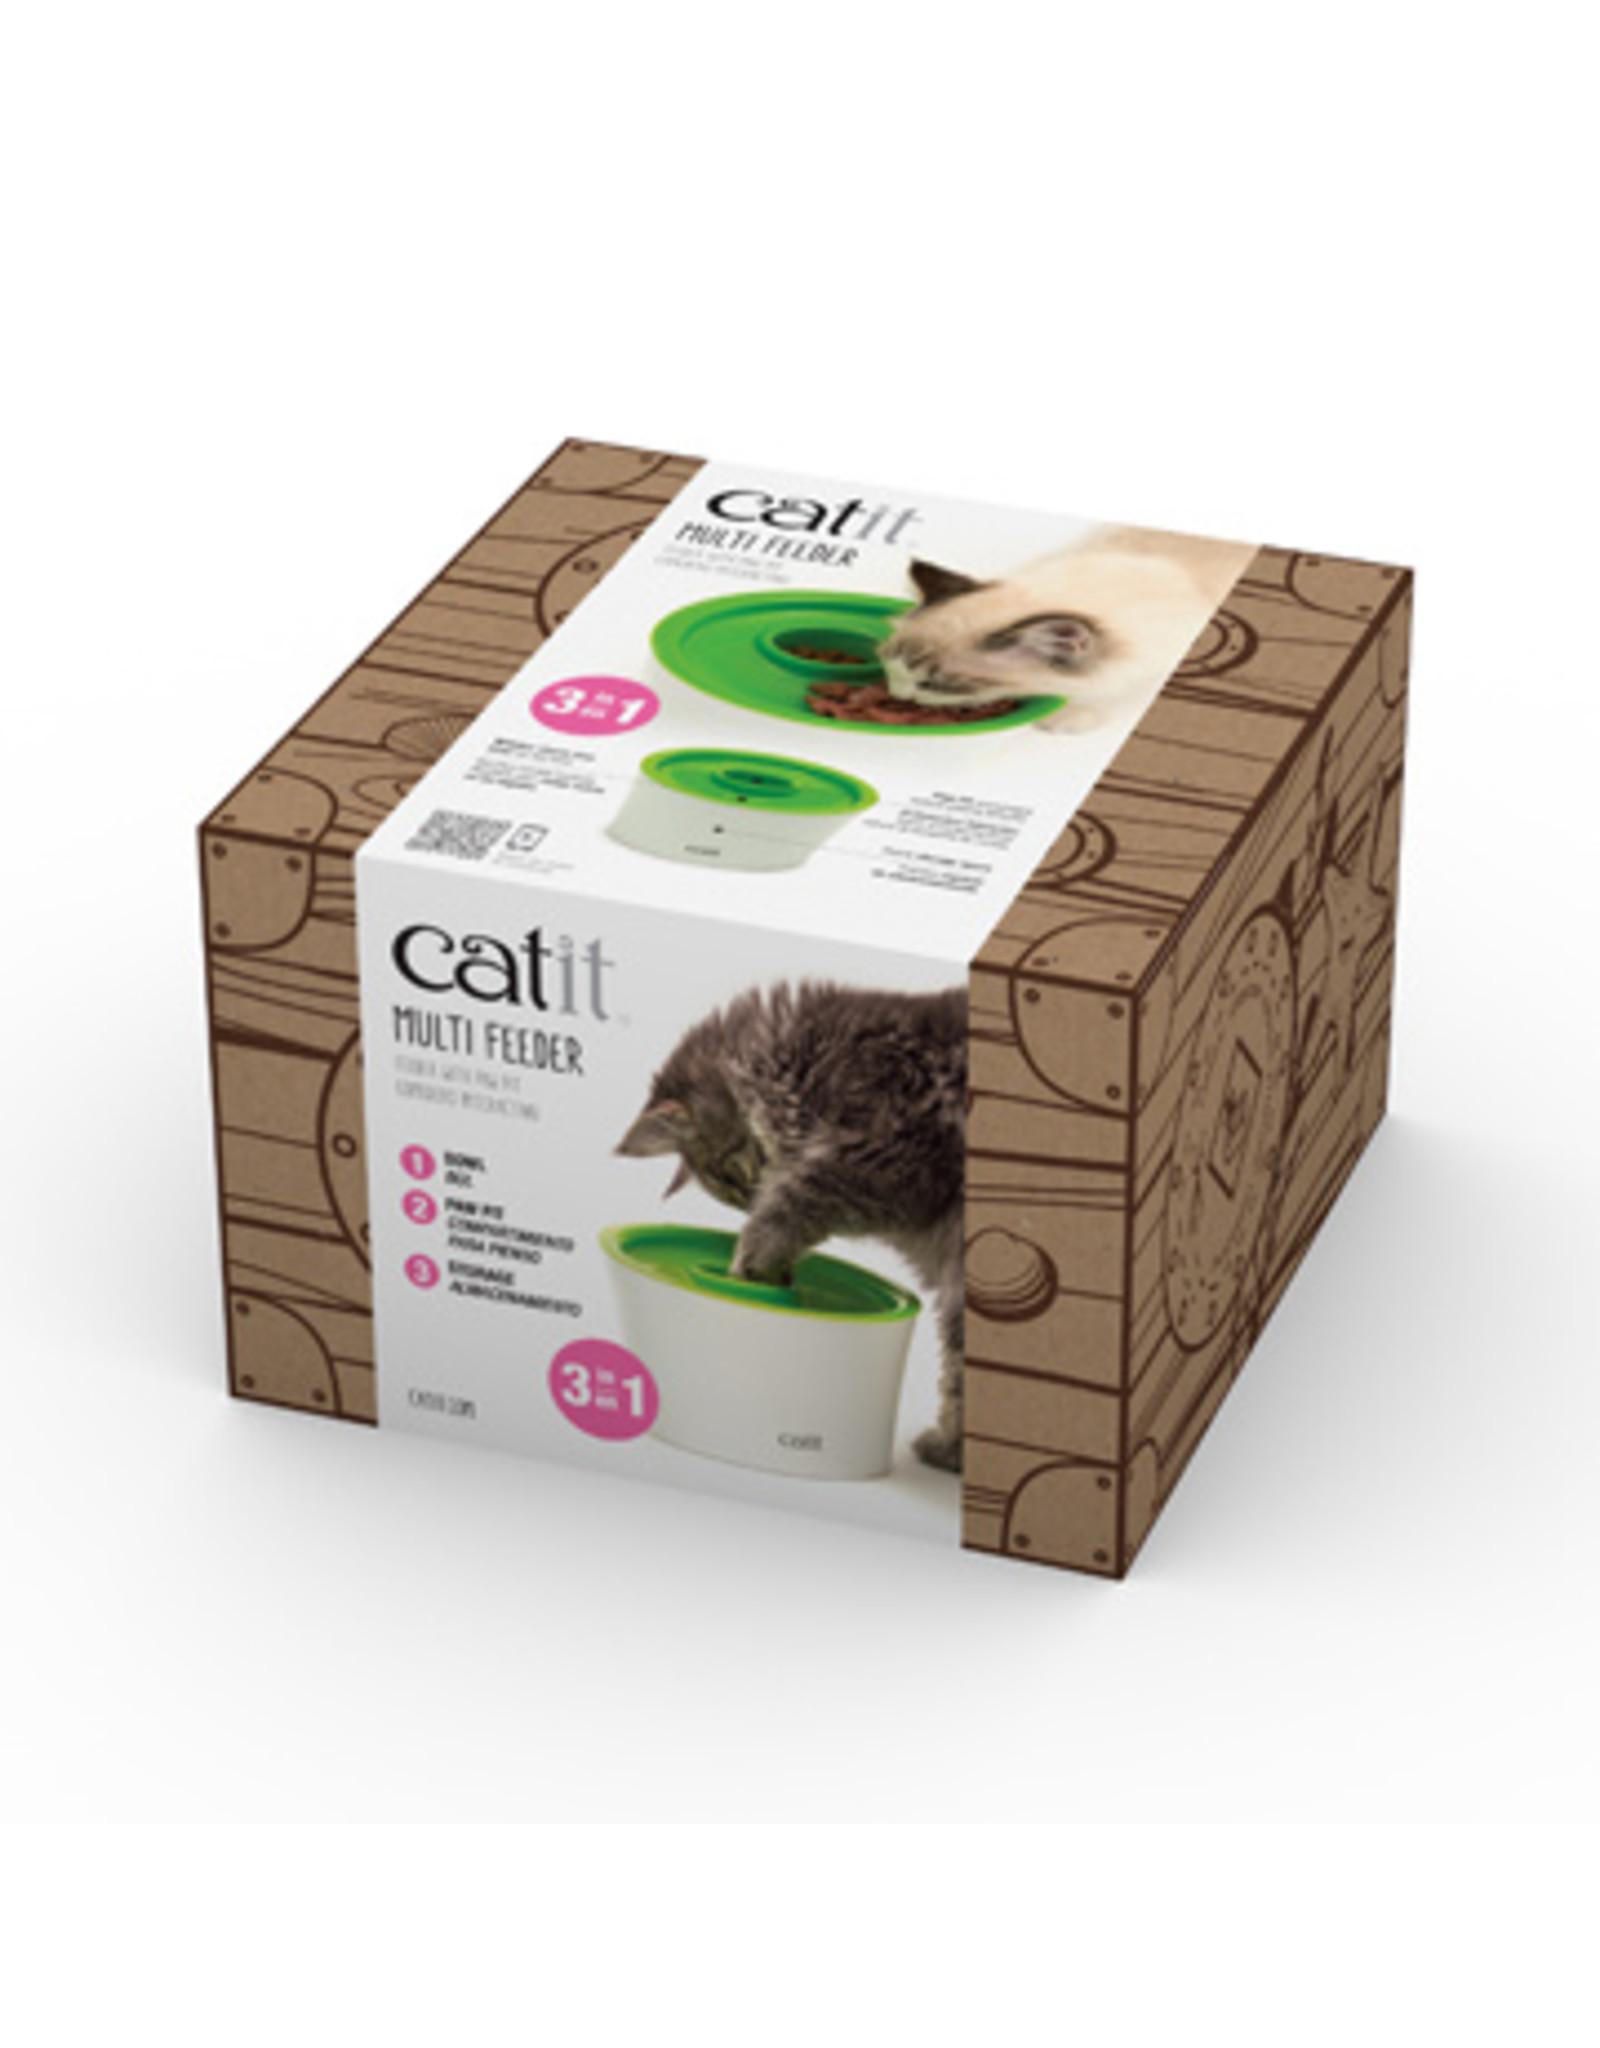 CatIt 2.0 Multi-Feeder